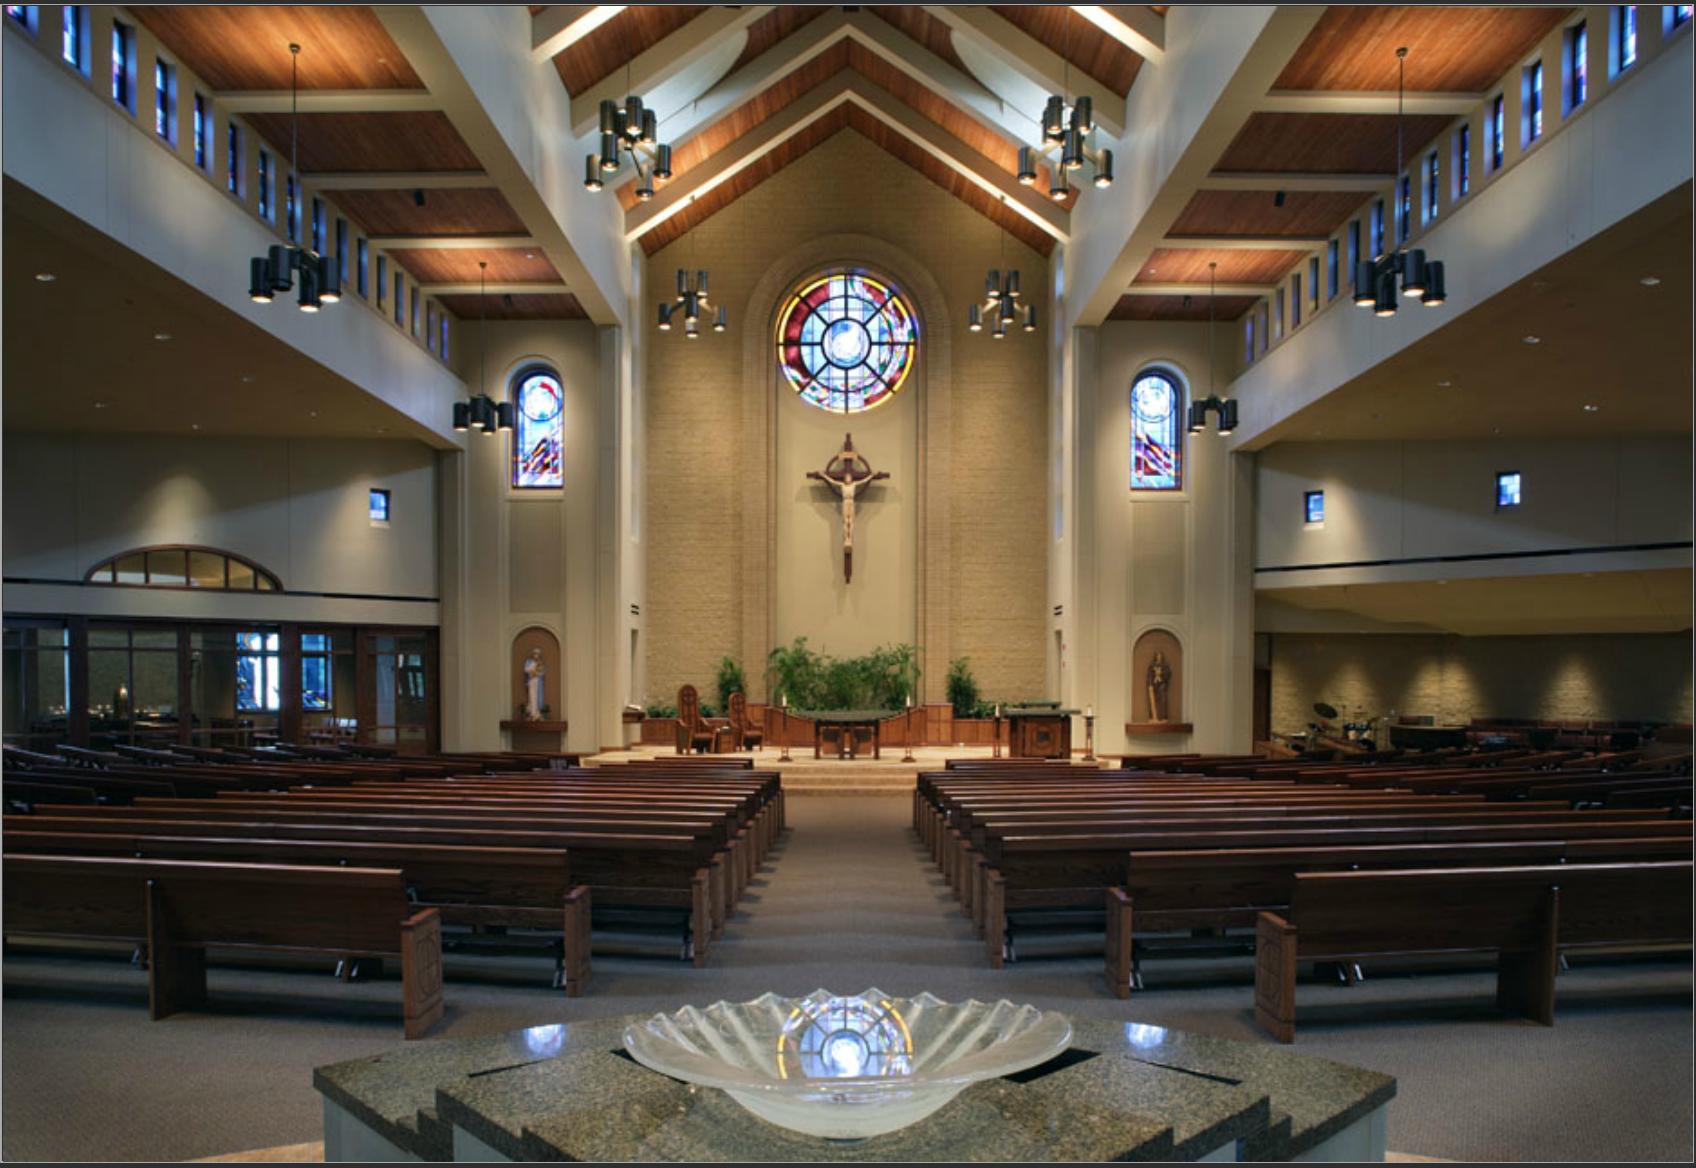 St James Catholic Church - Omaha, NE